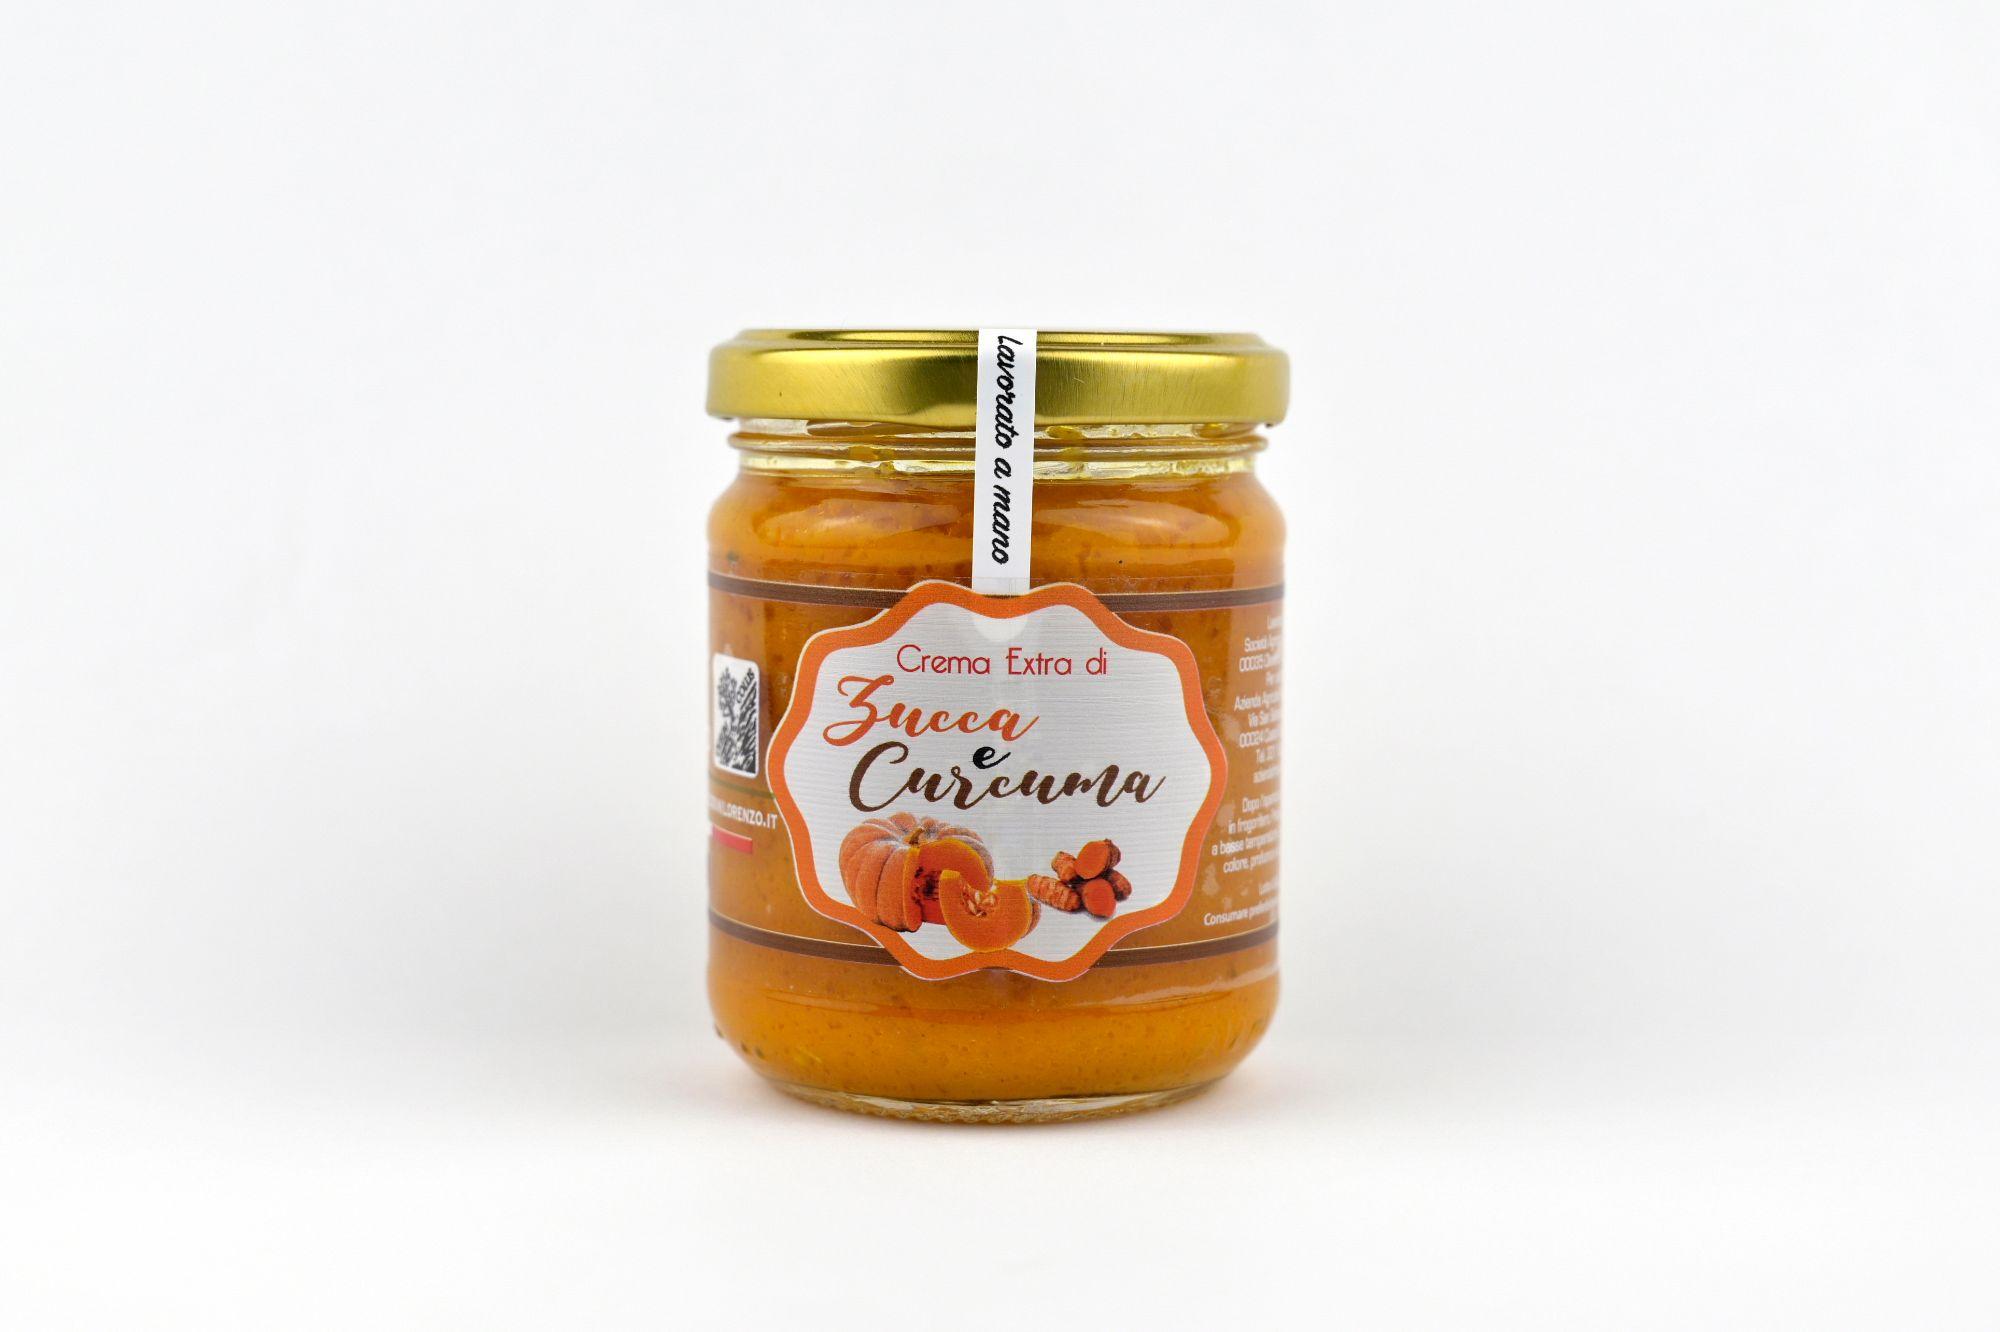 crema-extra-di-zucca-e-curcuma